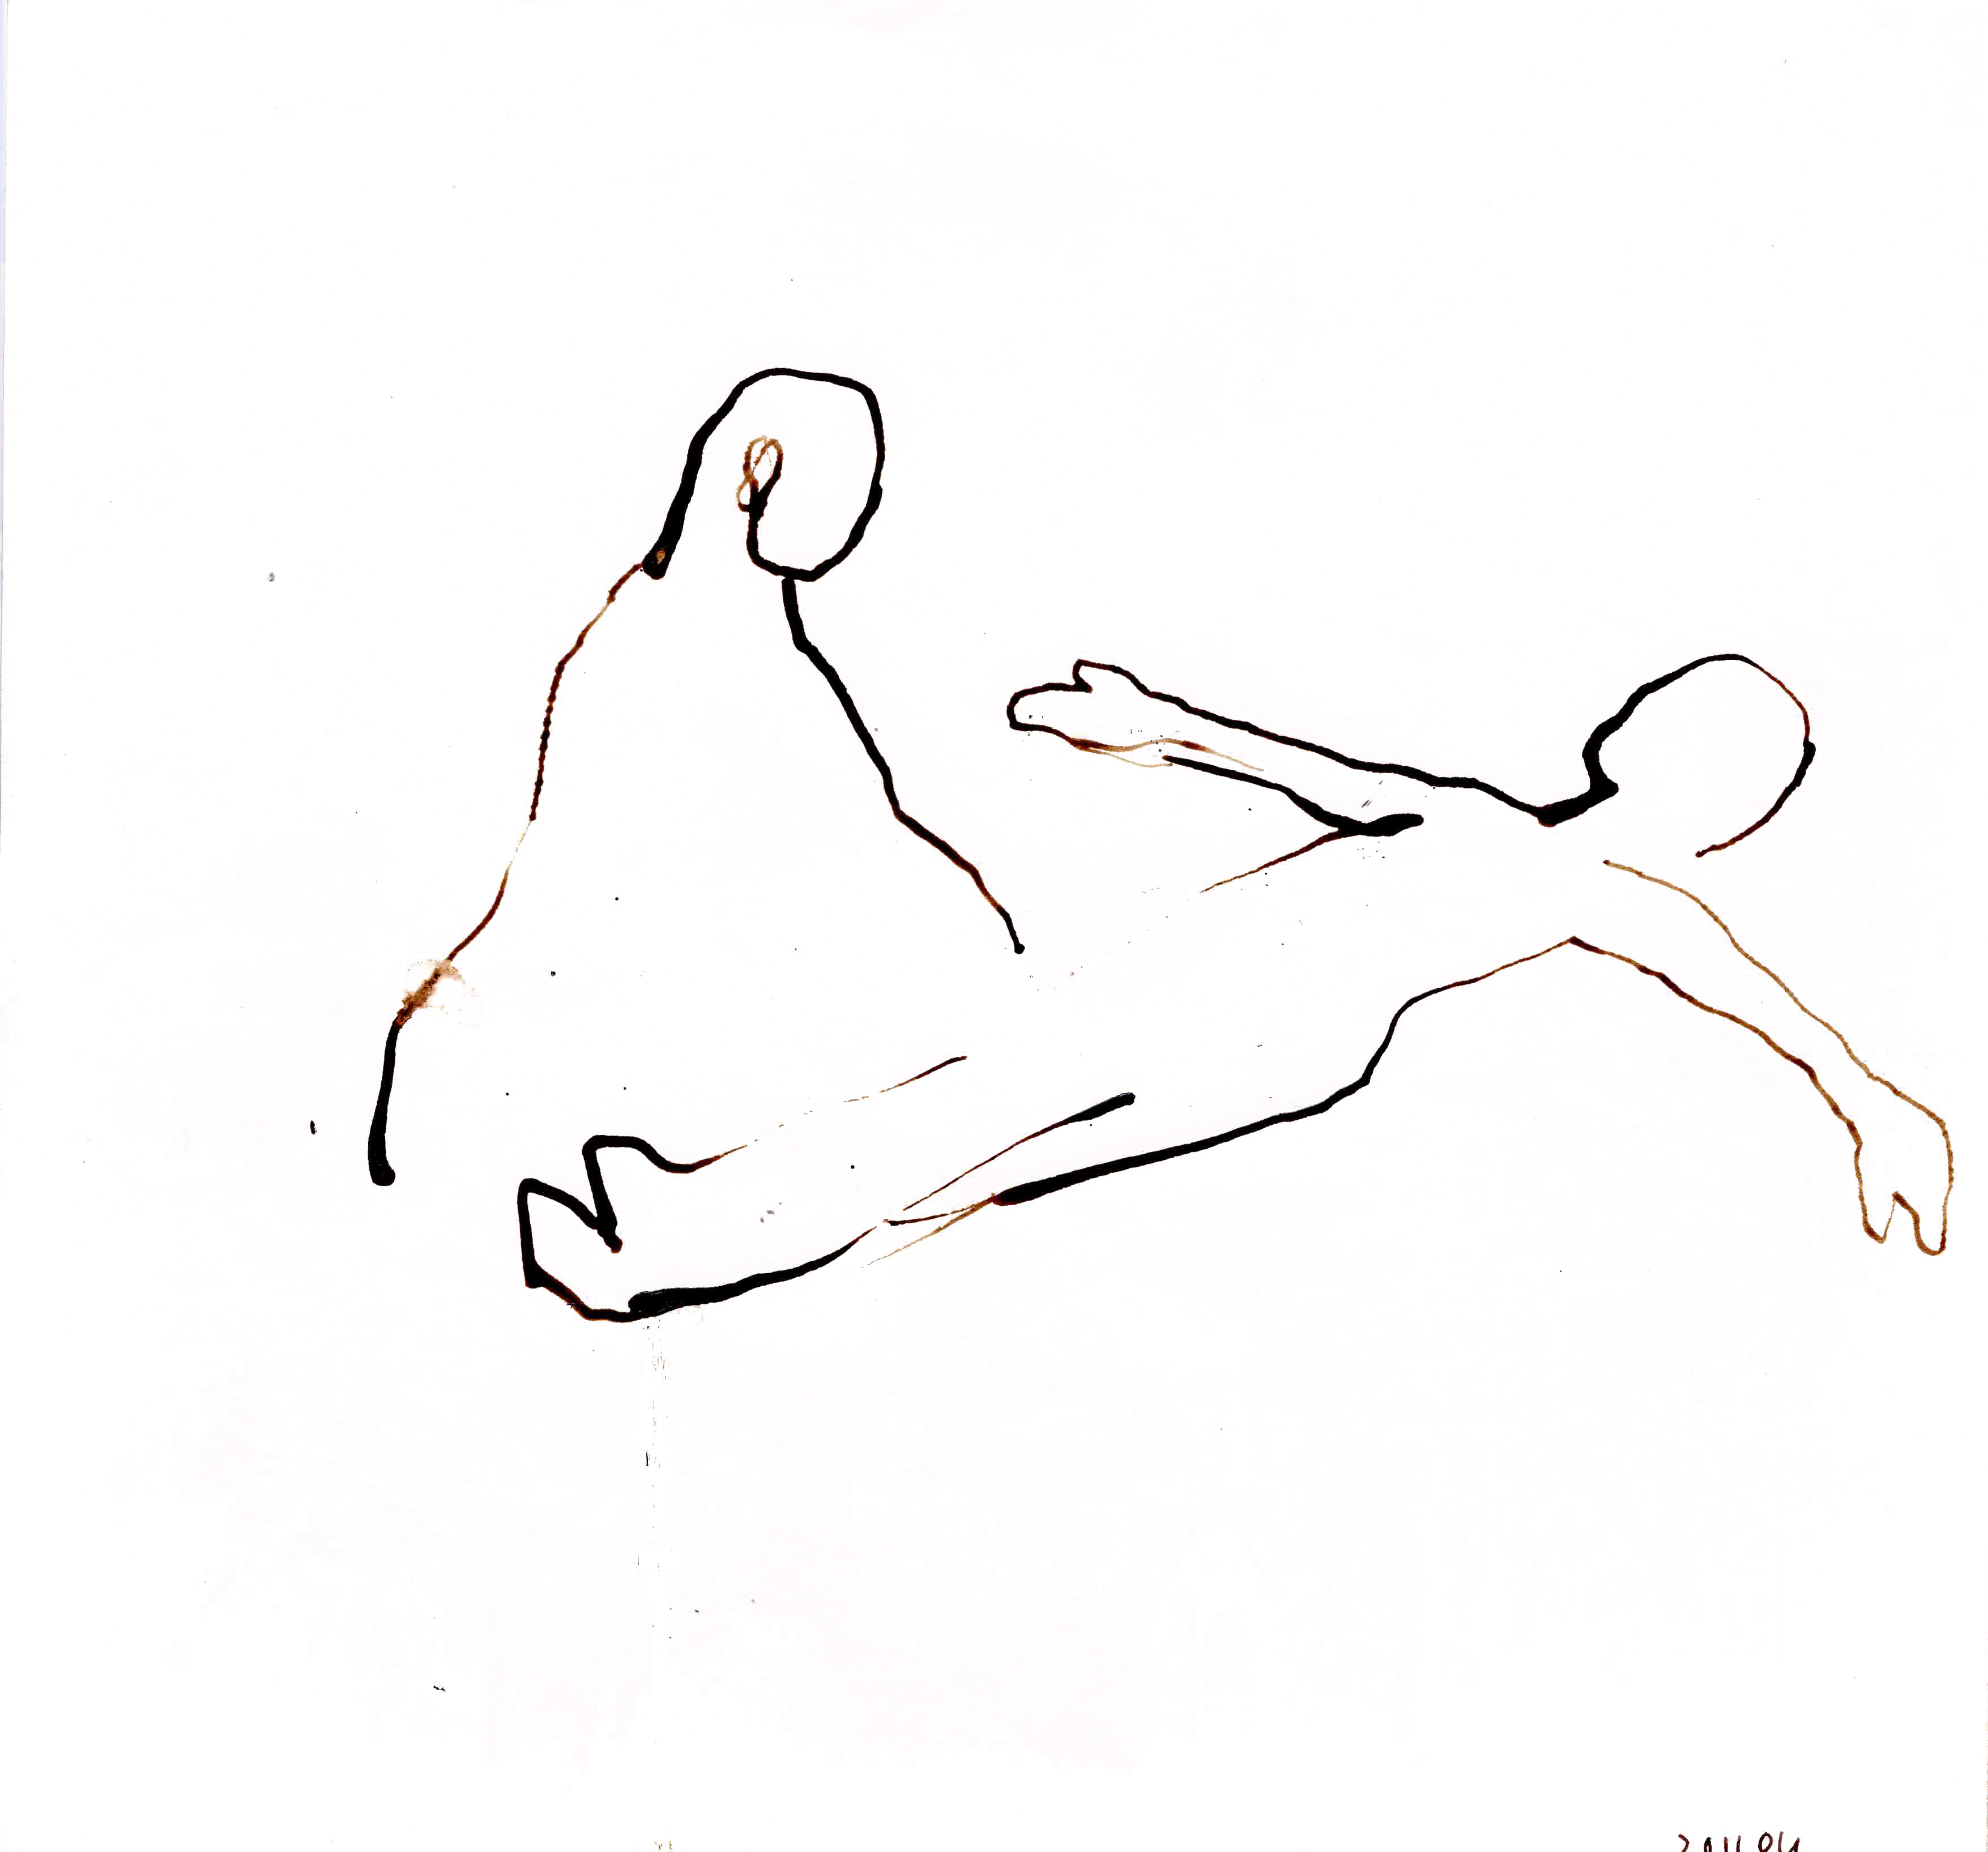 dessin008